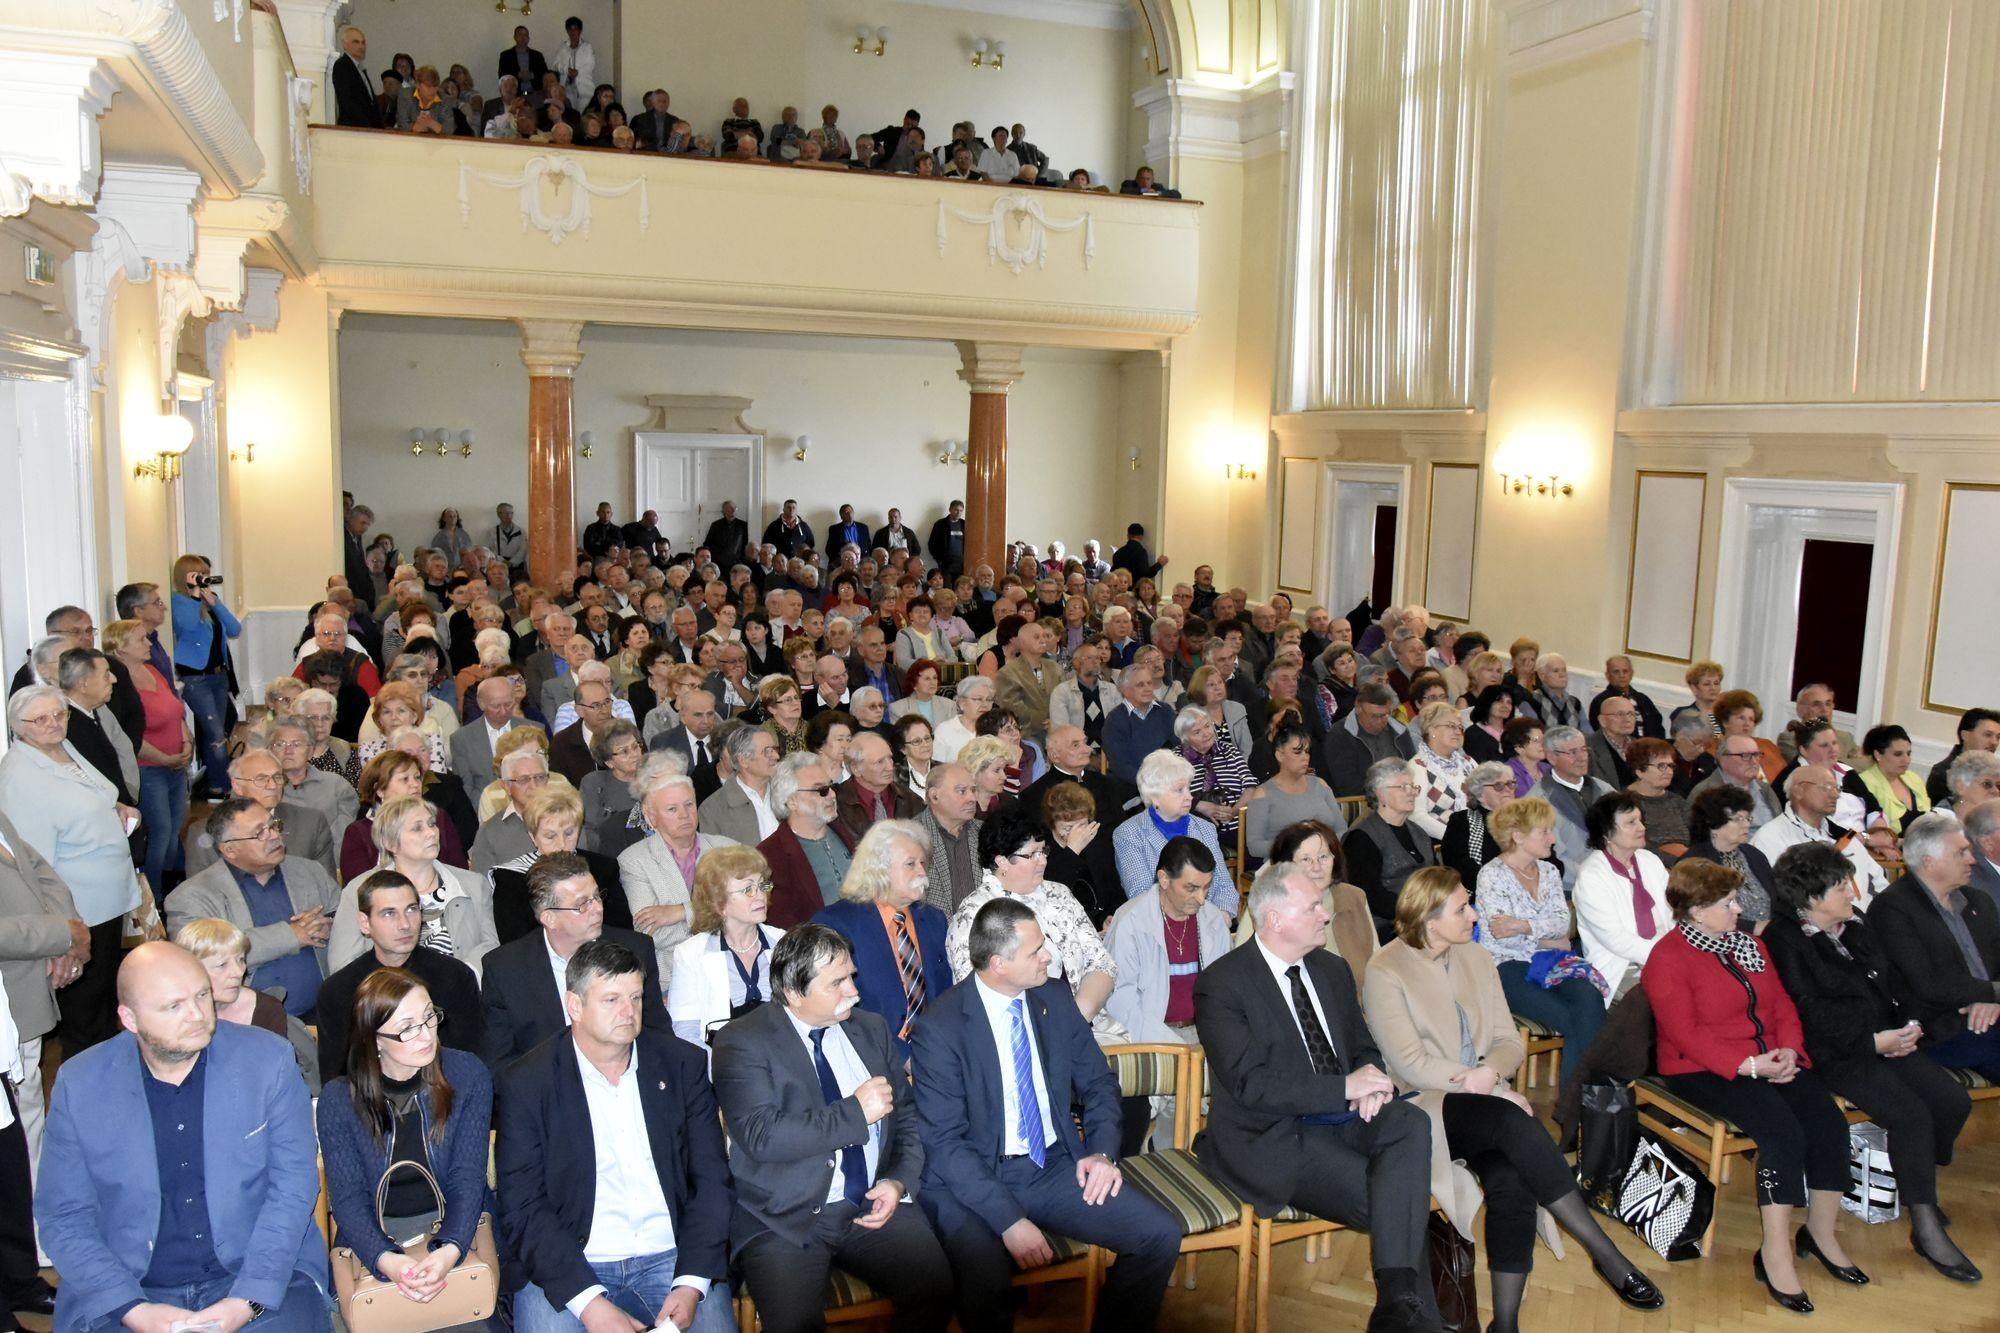 Óriási az érdeklődés Kecskeméten a Nemzeti Konzultációs fórum iránt